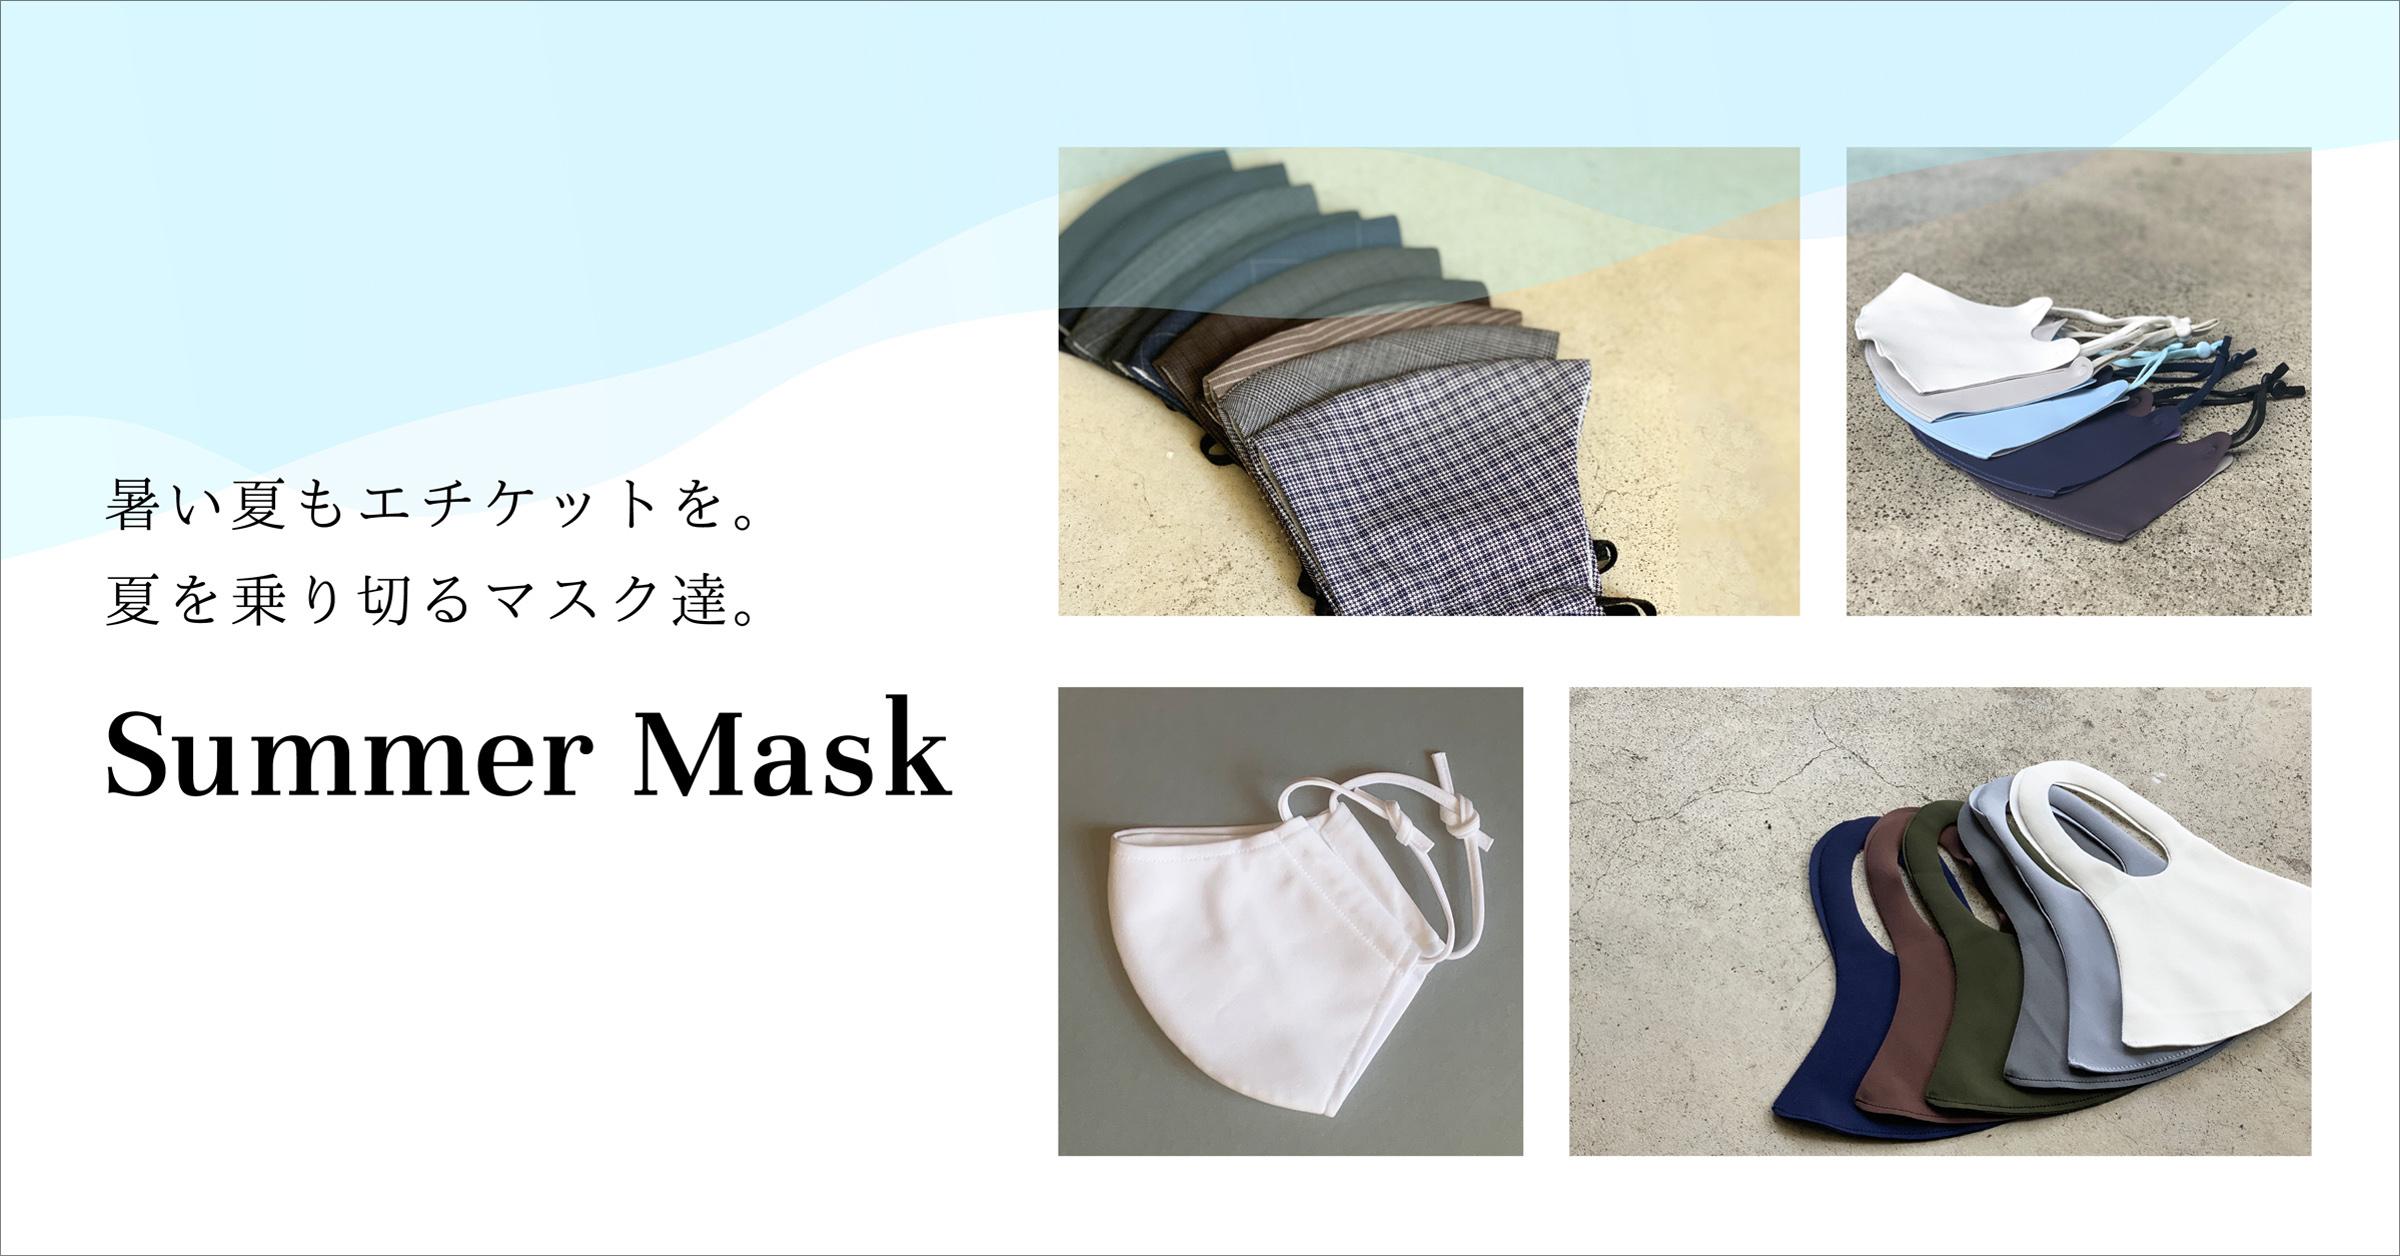 夏を乗り切るマスク達。サマーマスク特集